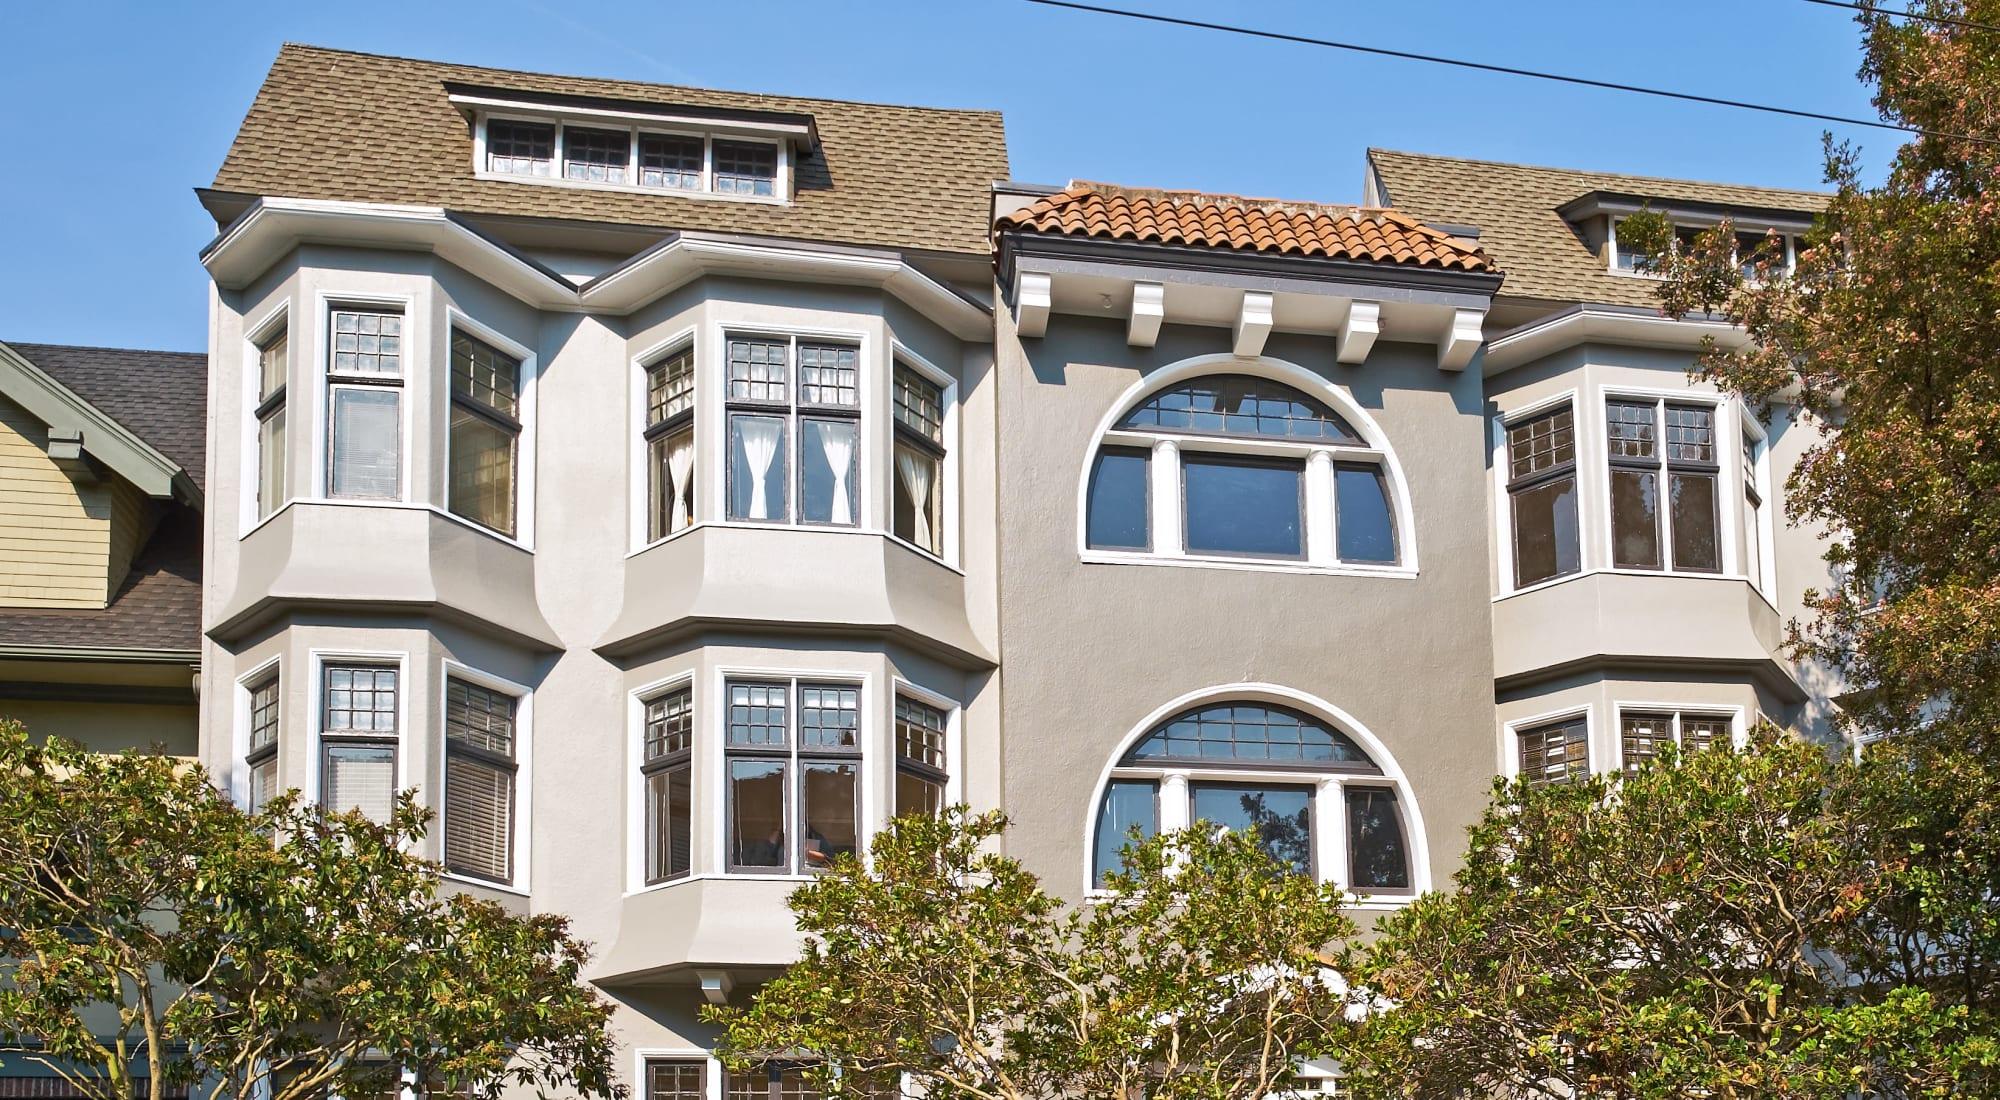 Apartments in San Francisco, California at 833 Ashbury